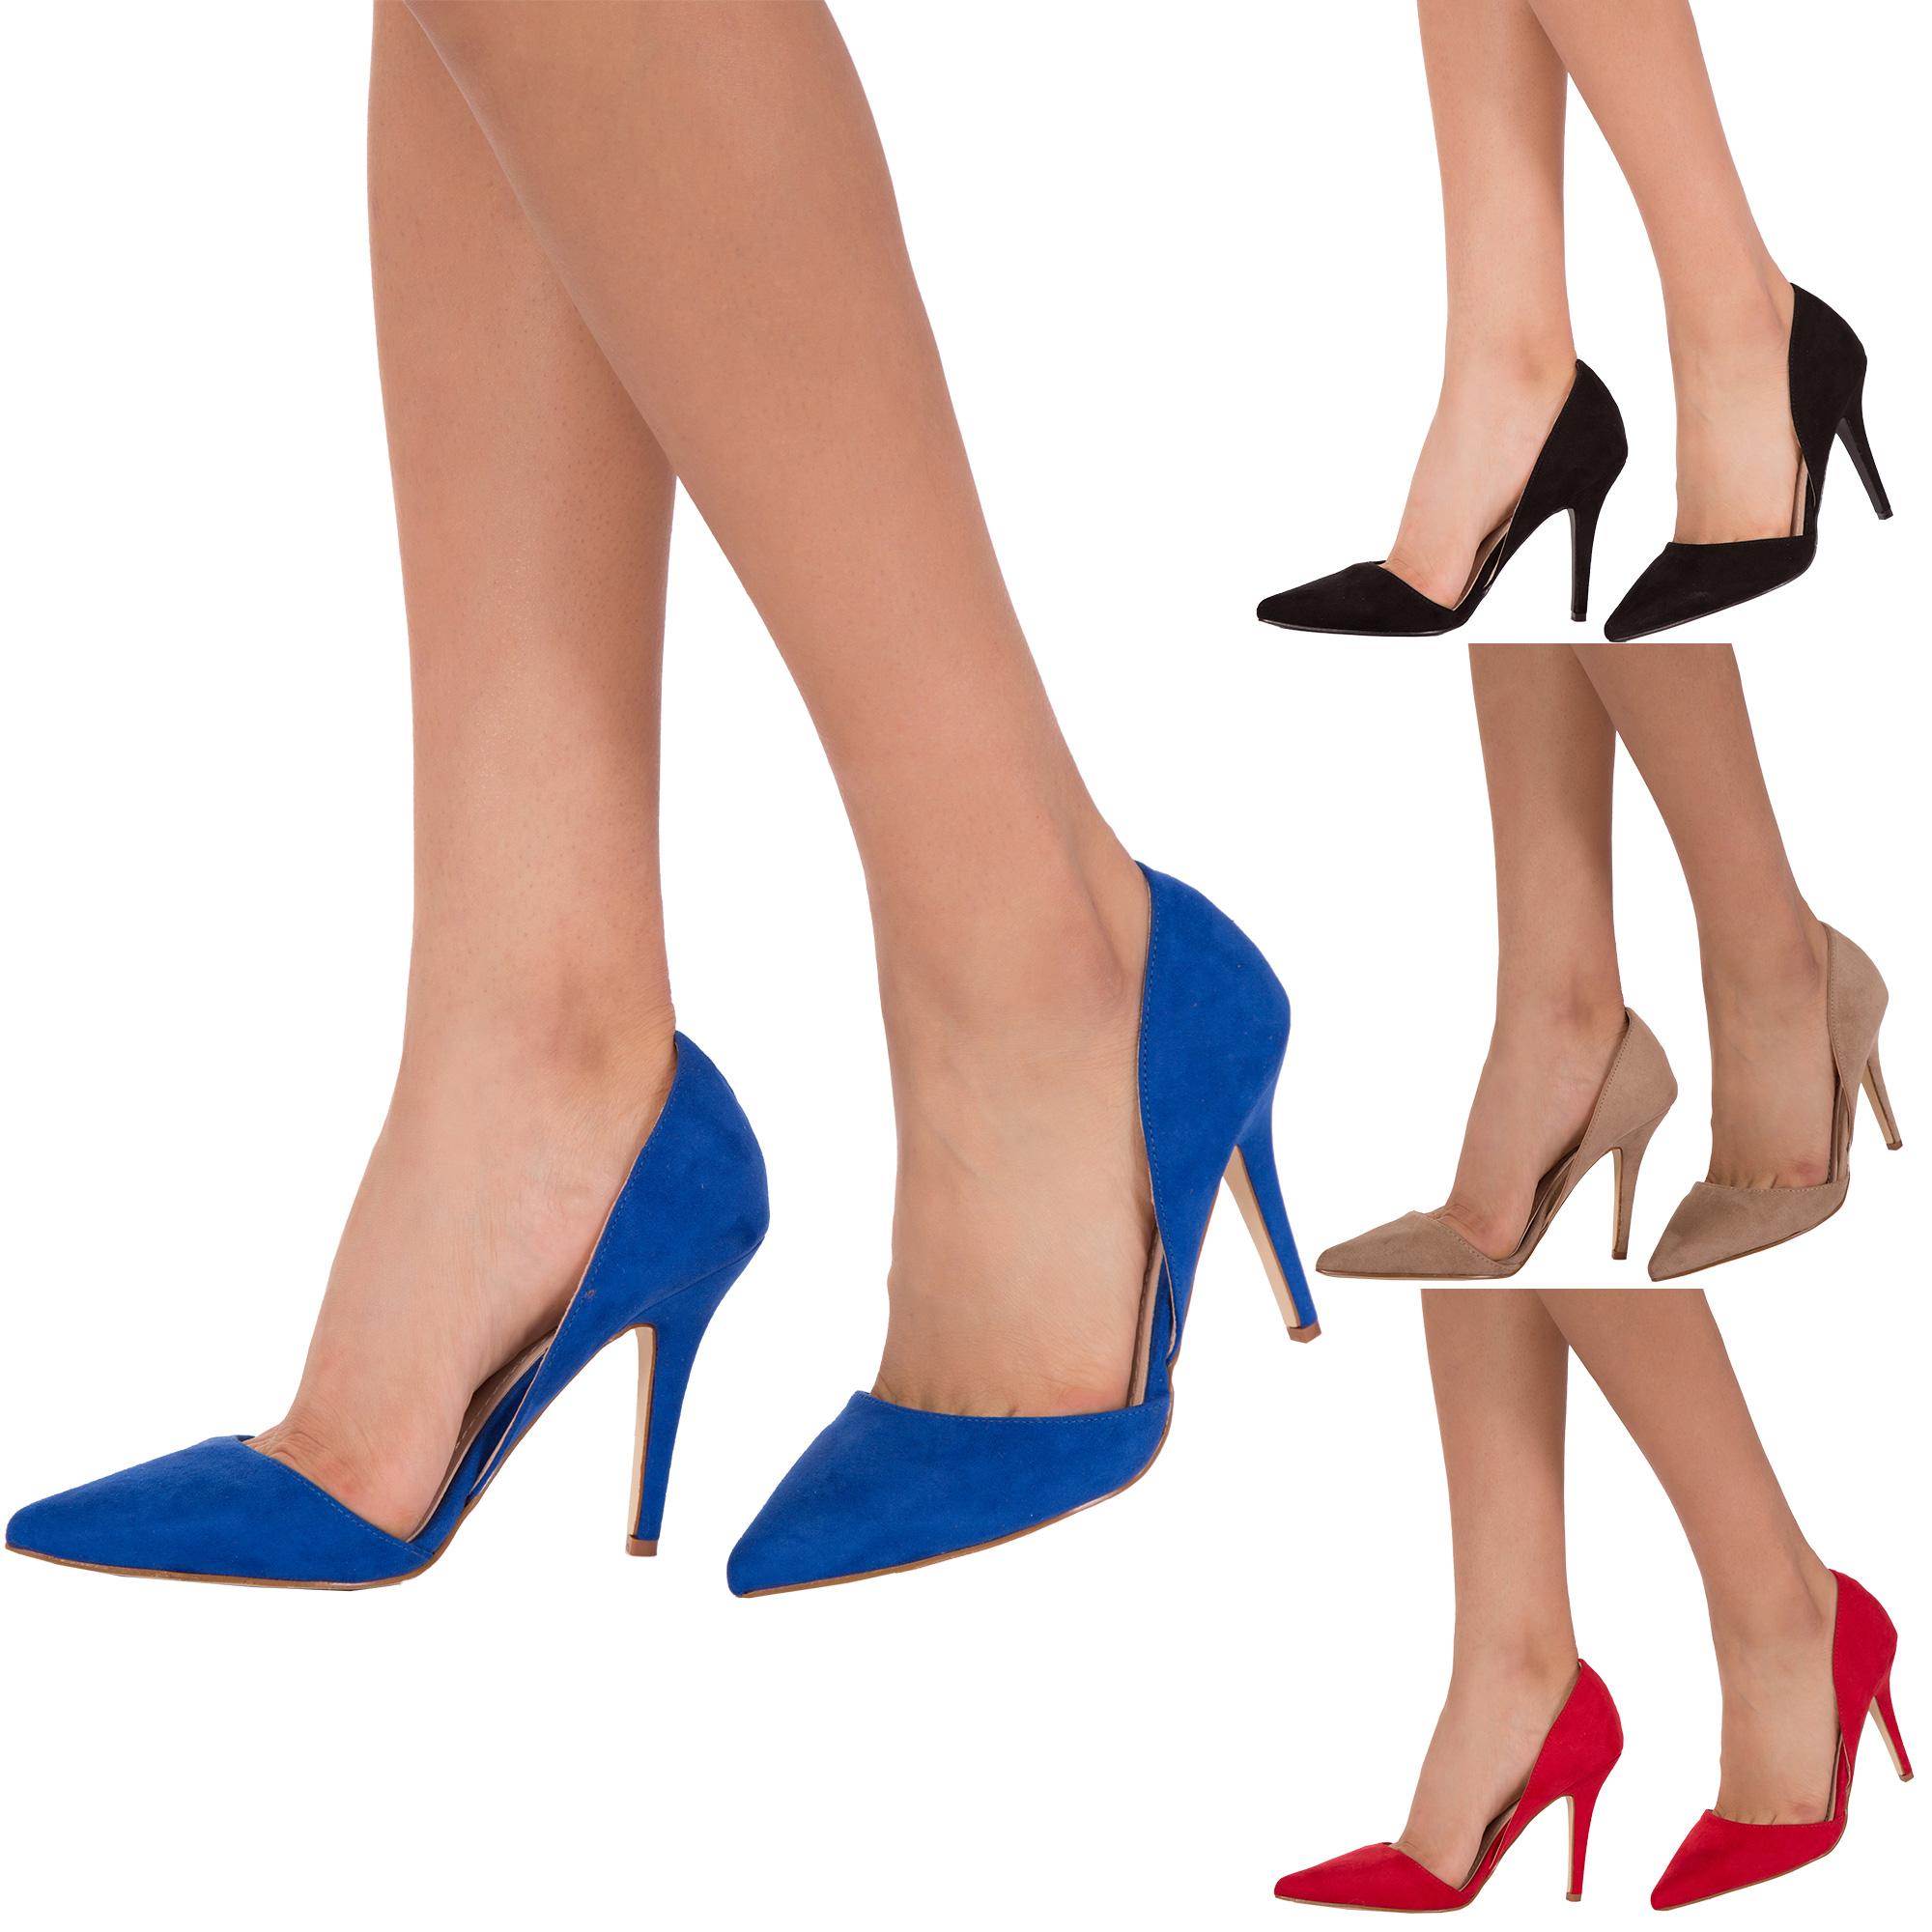 Qwick Fit Ltd Shoes